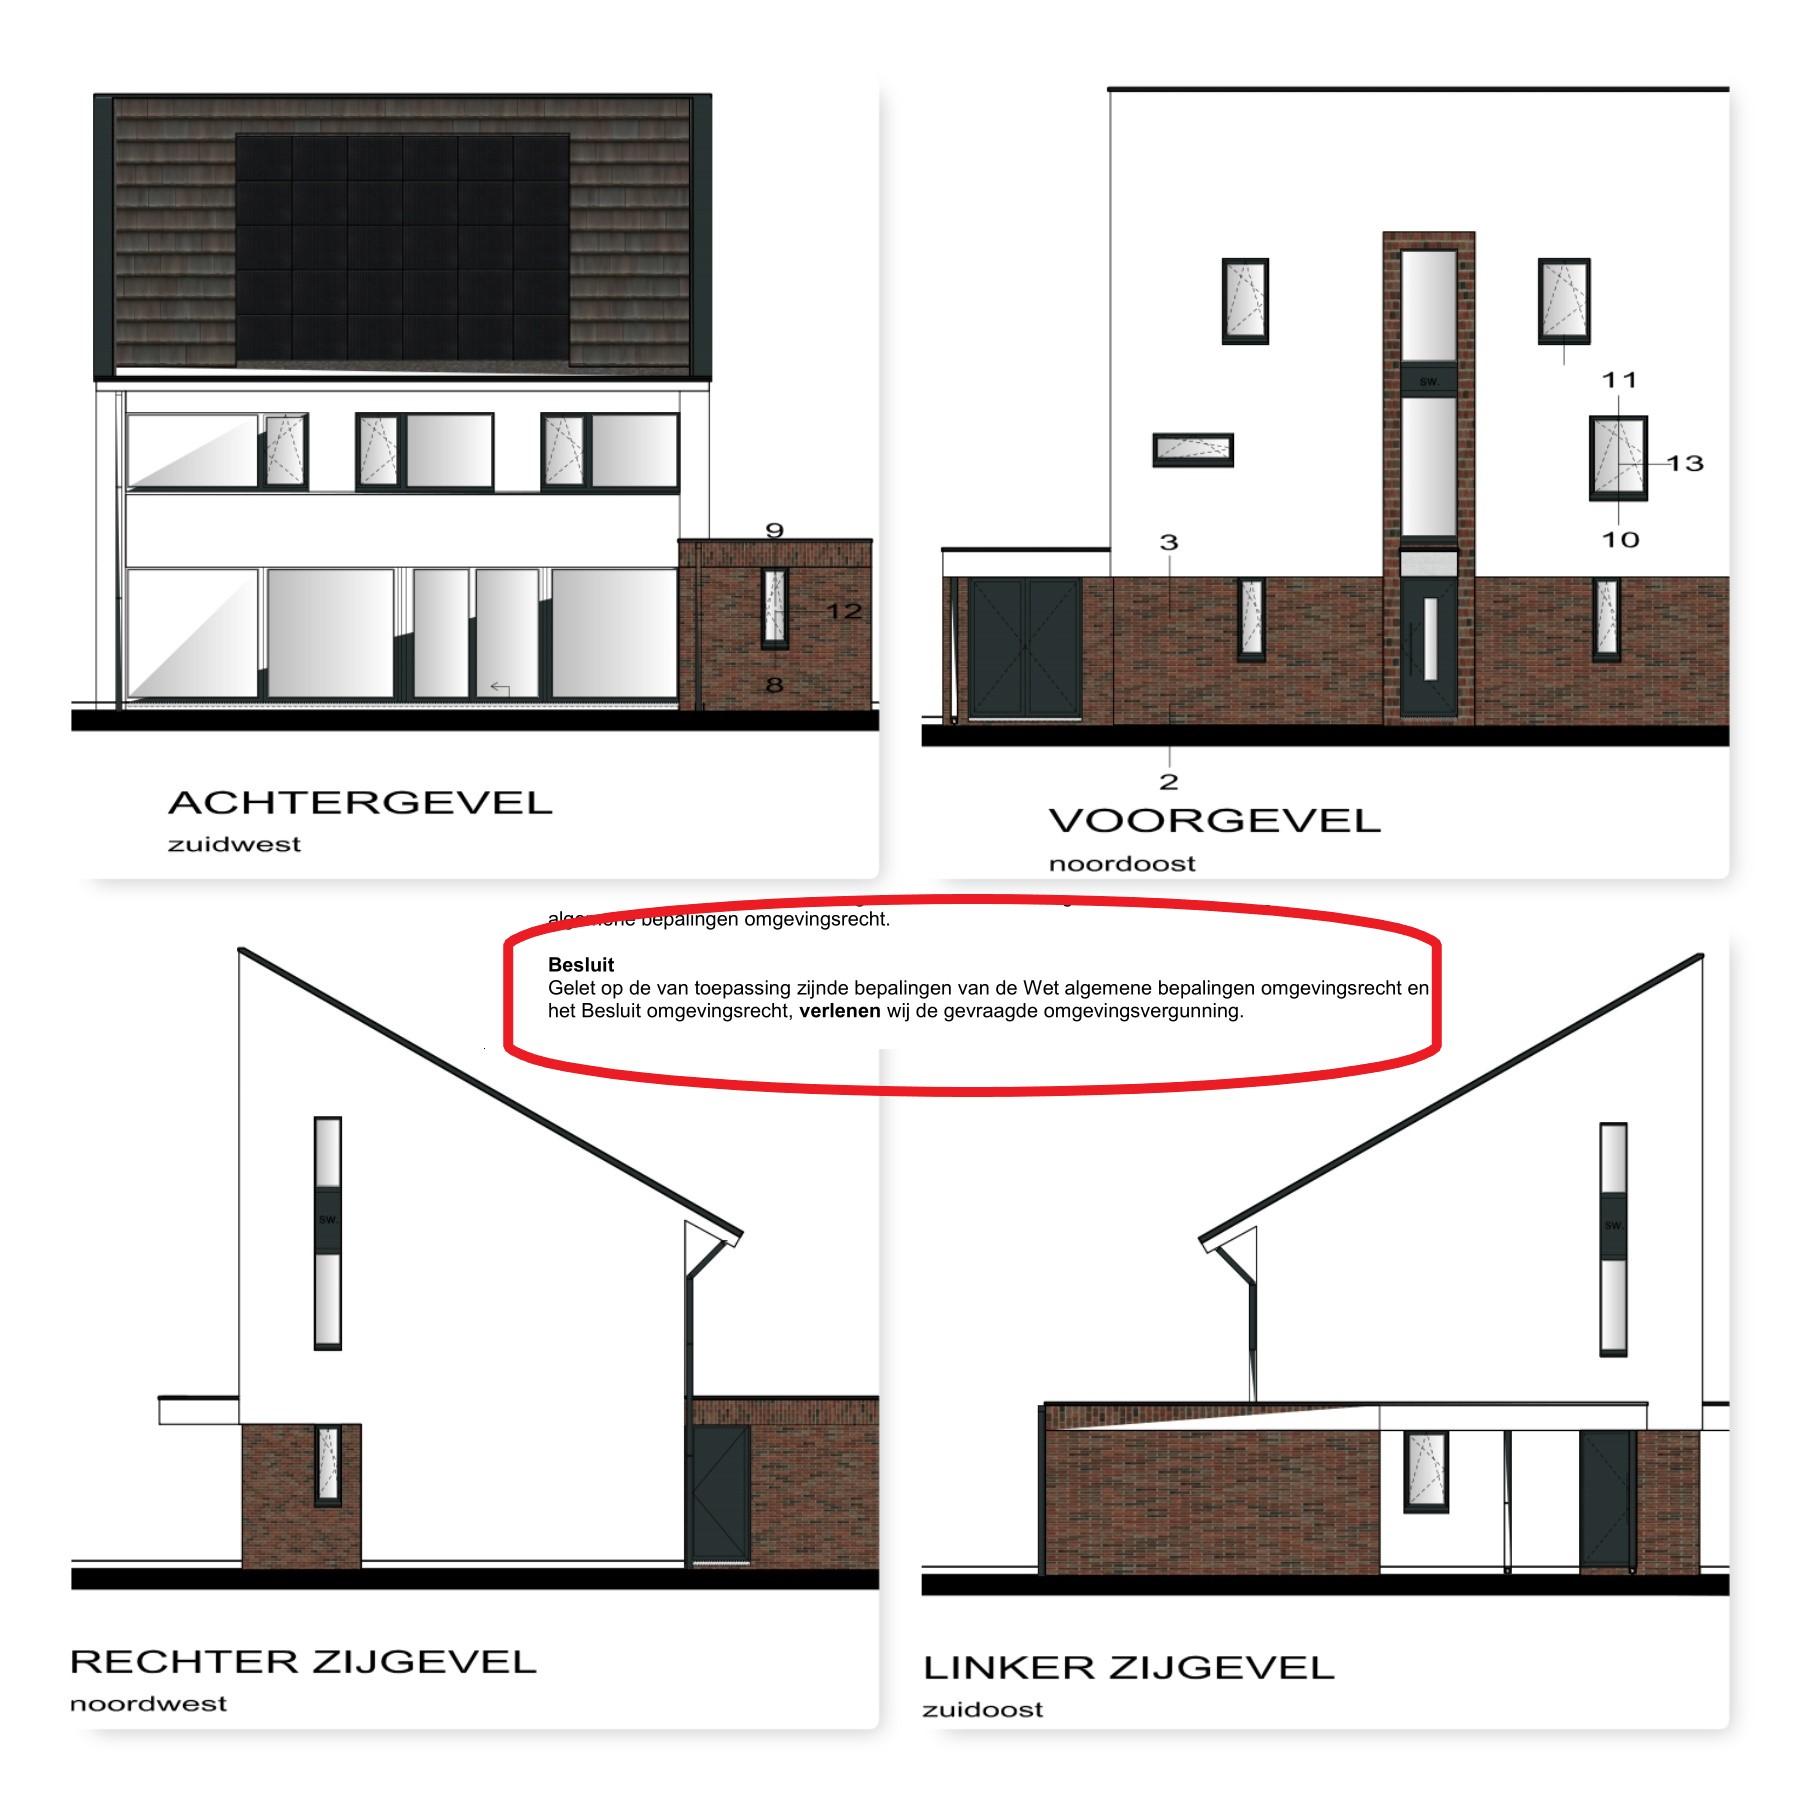 Vier zijaanzichten van het goedgekeurde bouw-ontwerp